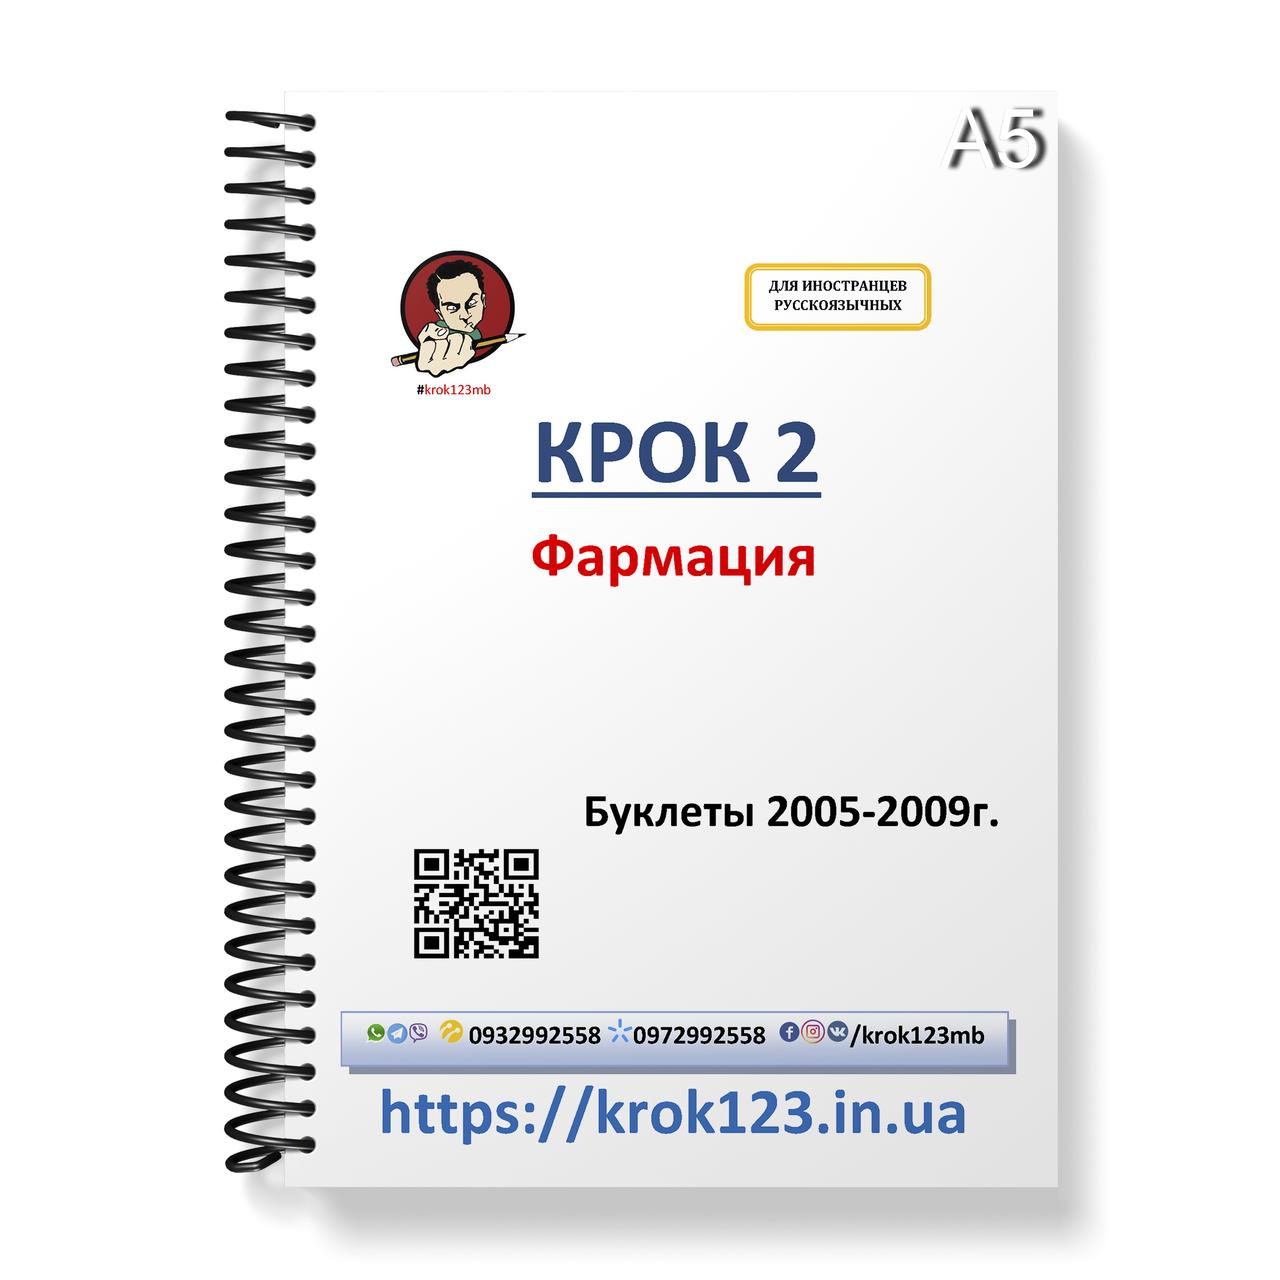 Крок 2. Фармация. Буклеты 2005-2009 . Для иностранцев русскоязычных. Формат А5